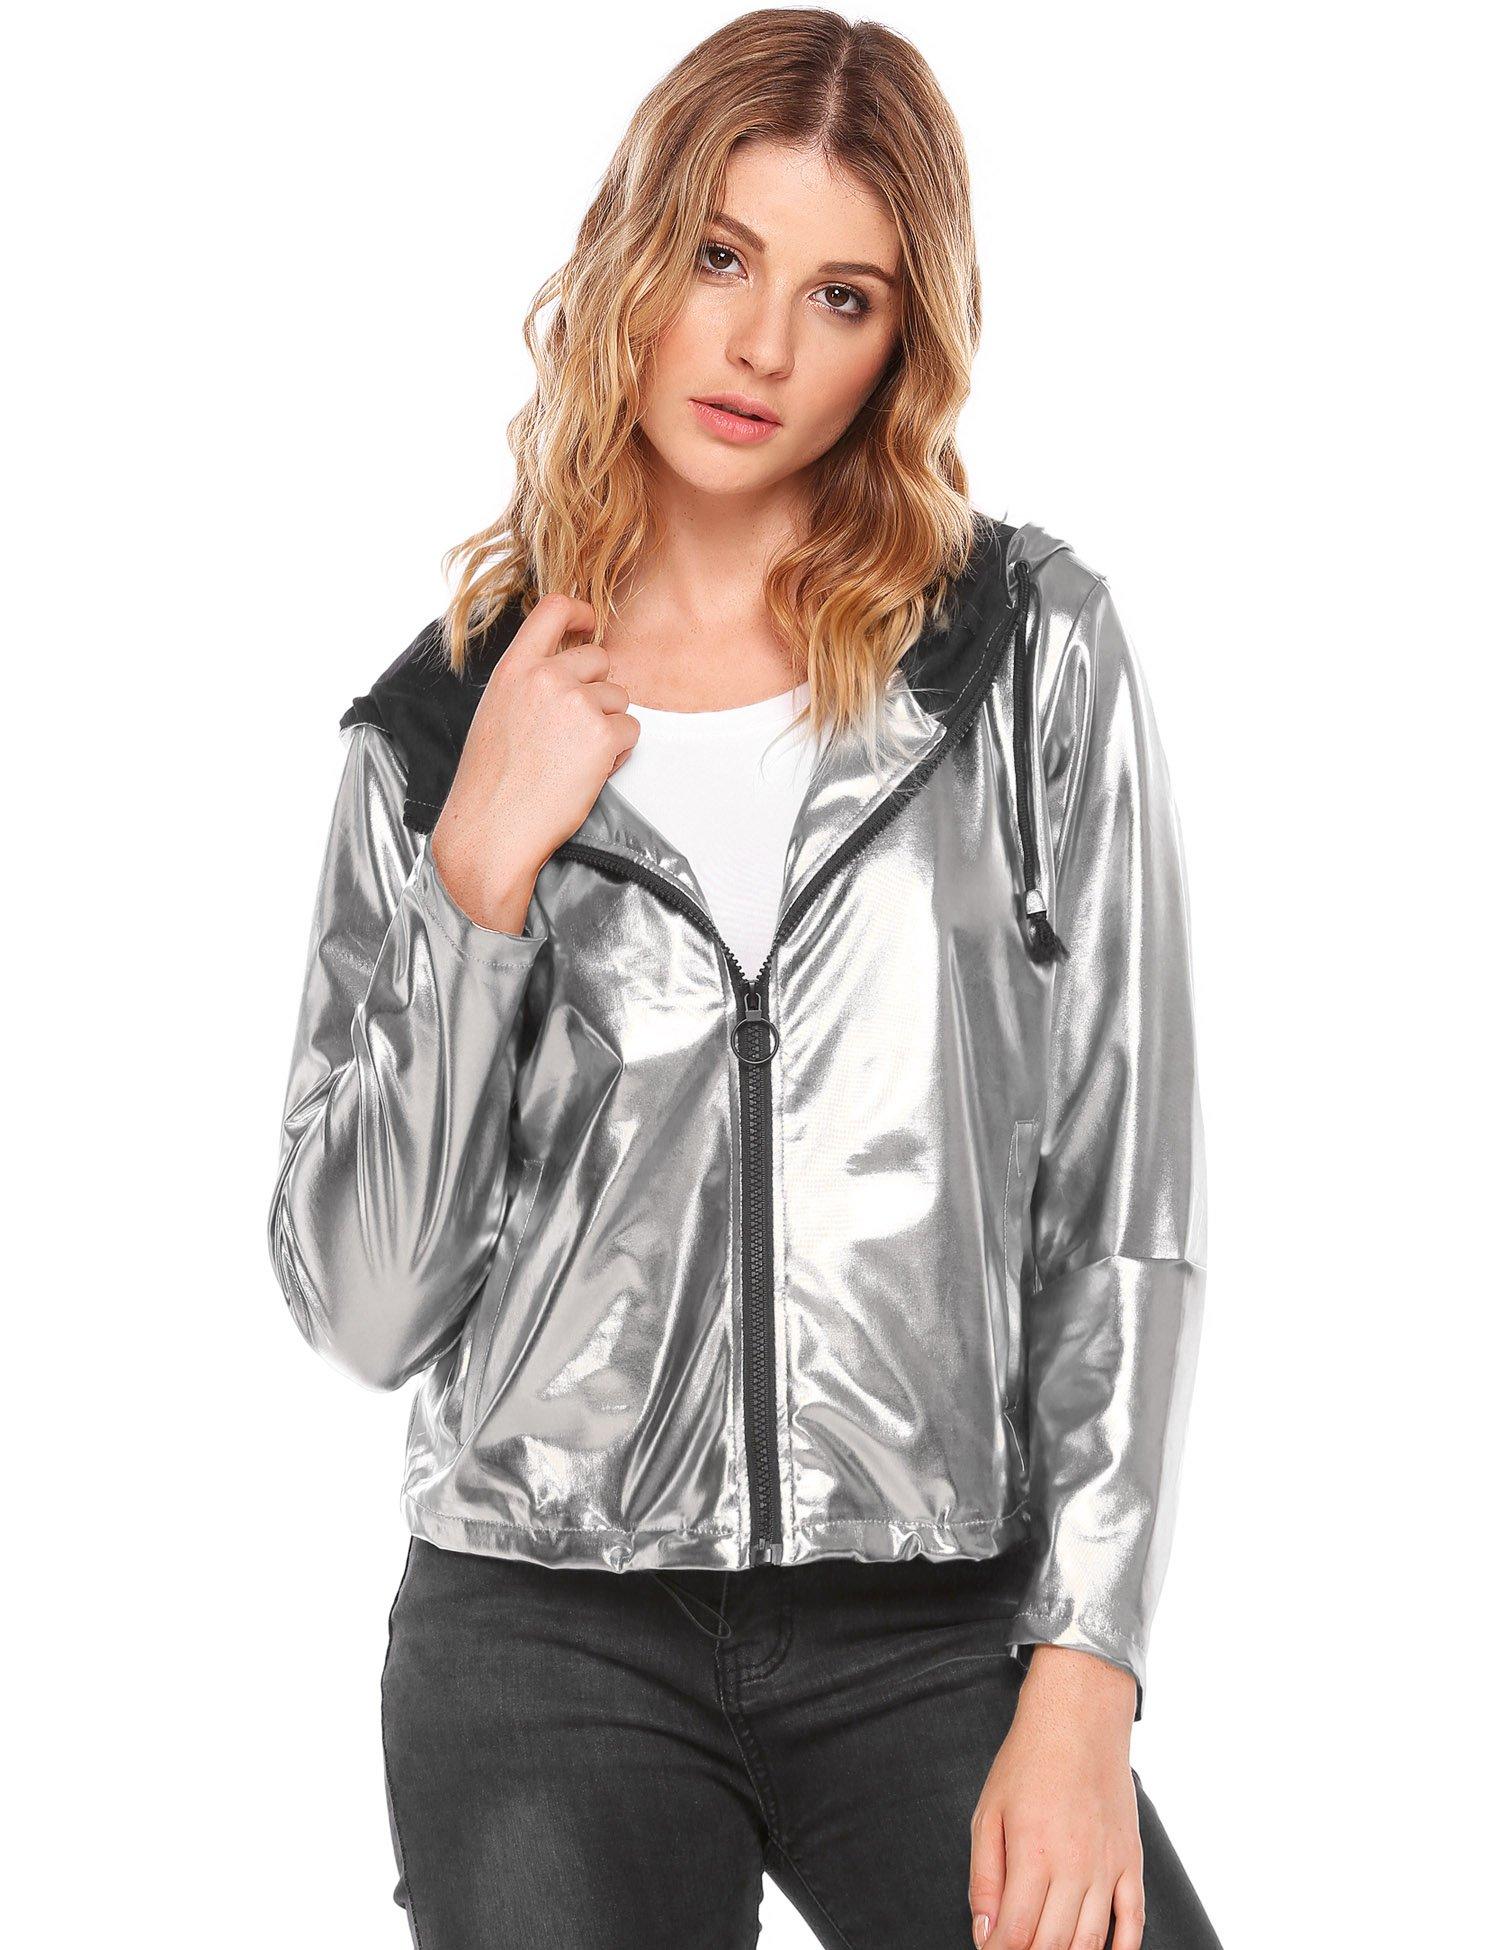 Women's Metallic Zipper Motorcycle Biker PU Leather Crop Jackets Silver, L